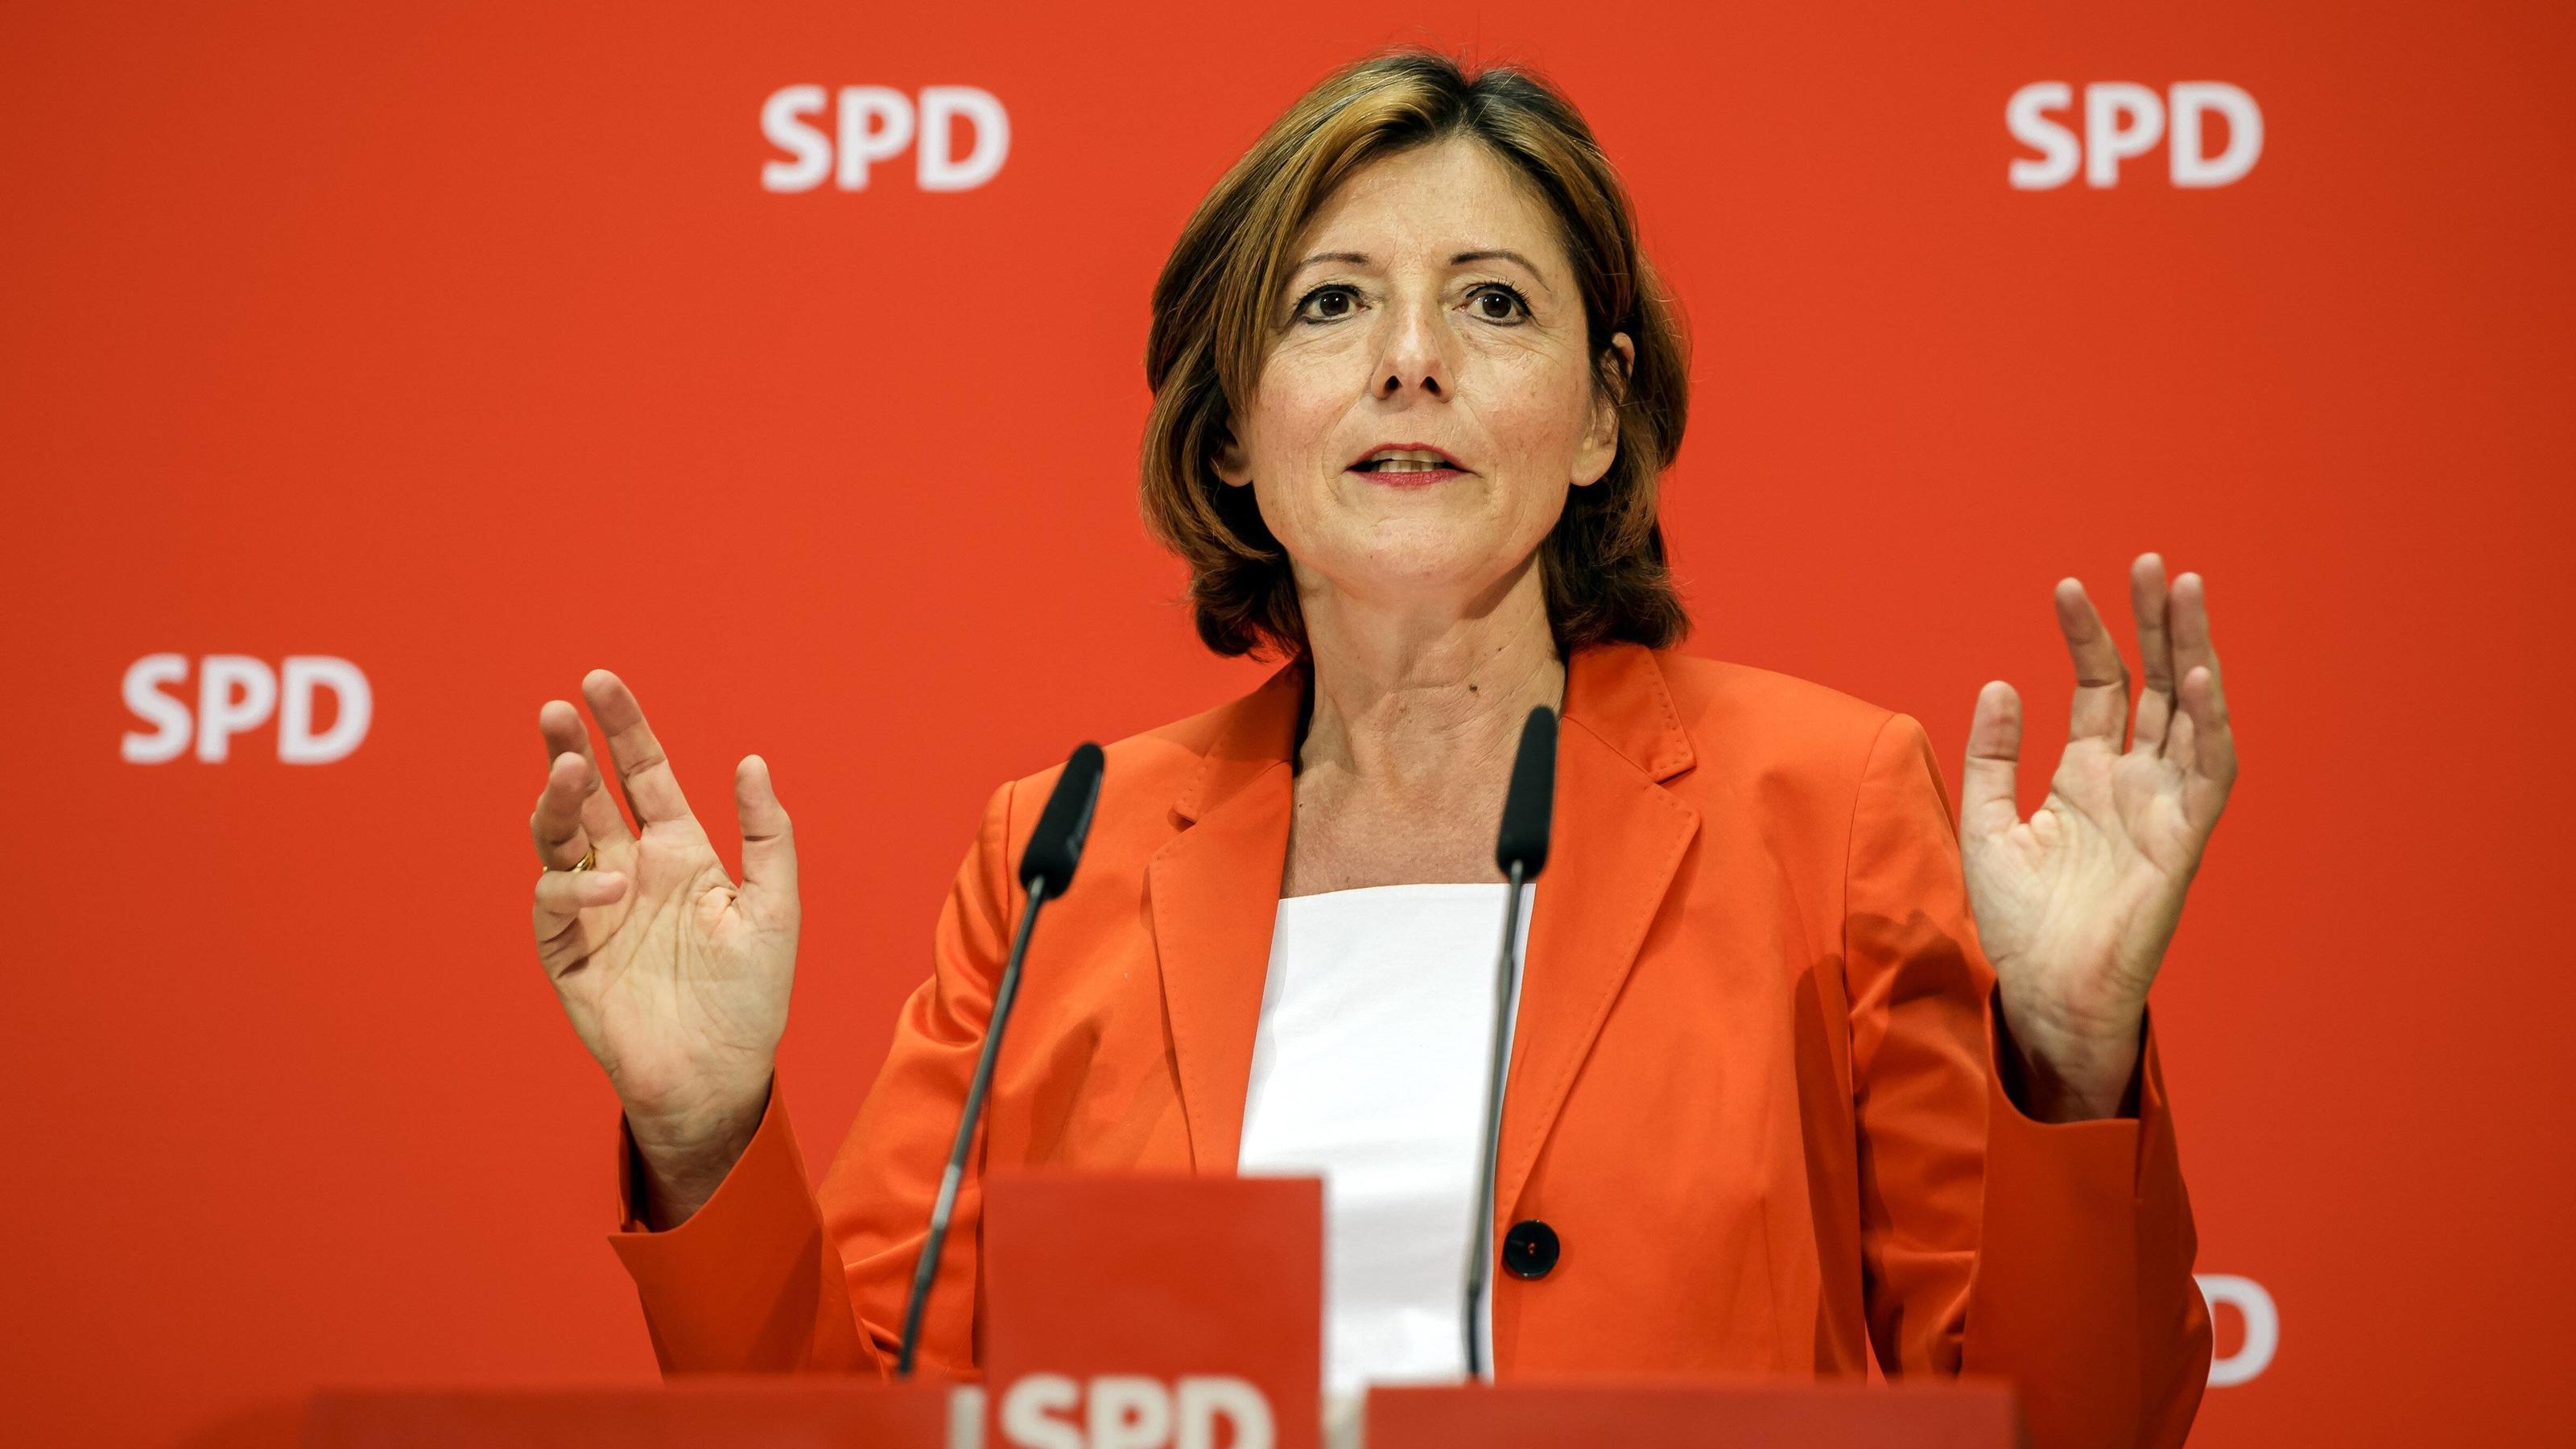 Rheinland-pfälzische Ministerpräsidentin Malu Dreyer fordert Lockerung: Wieder mehr Kontakte erlauben